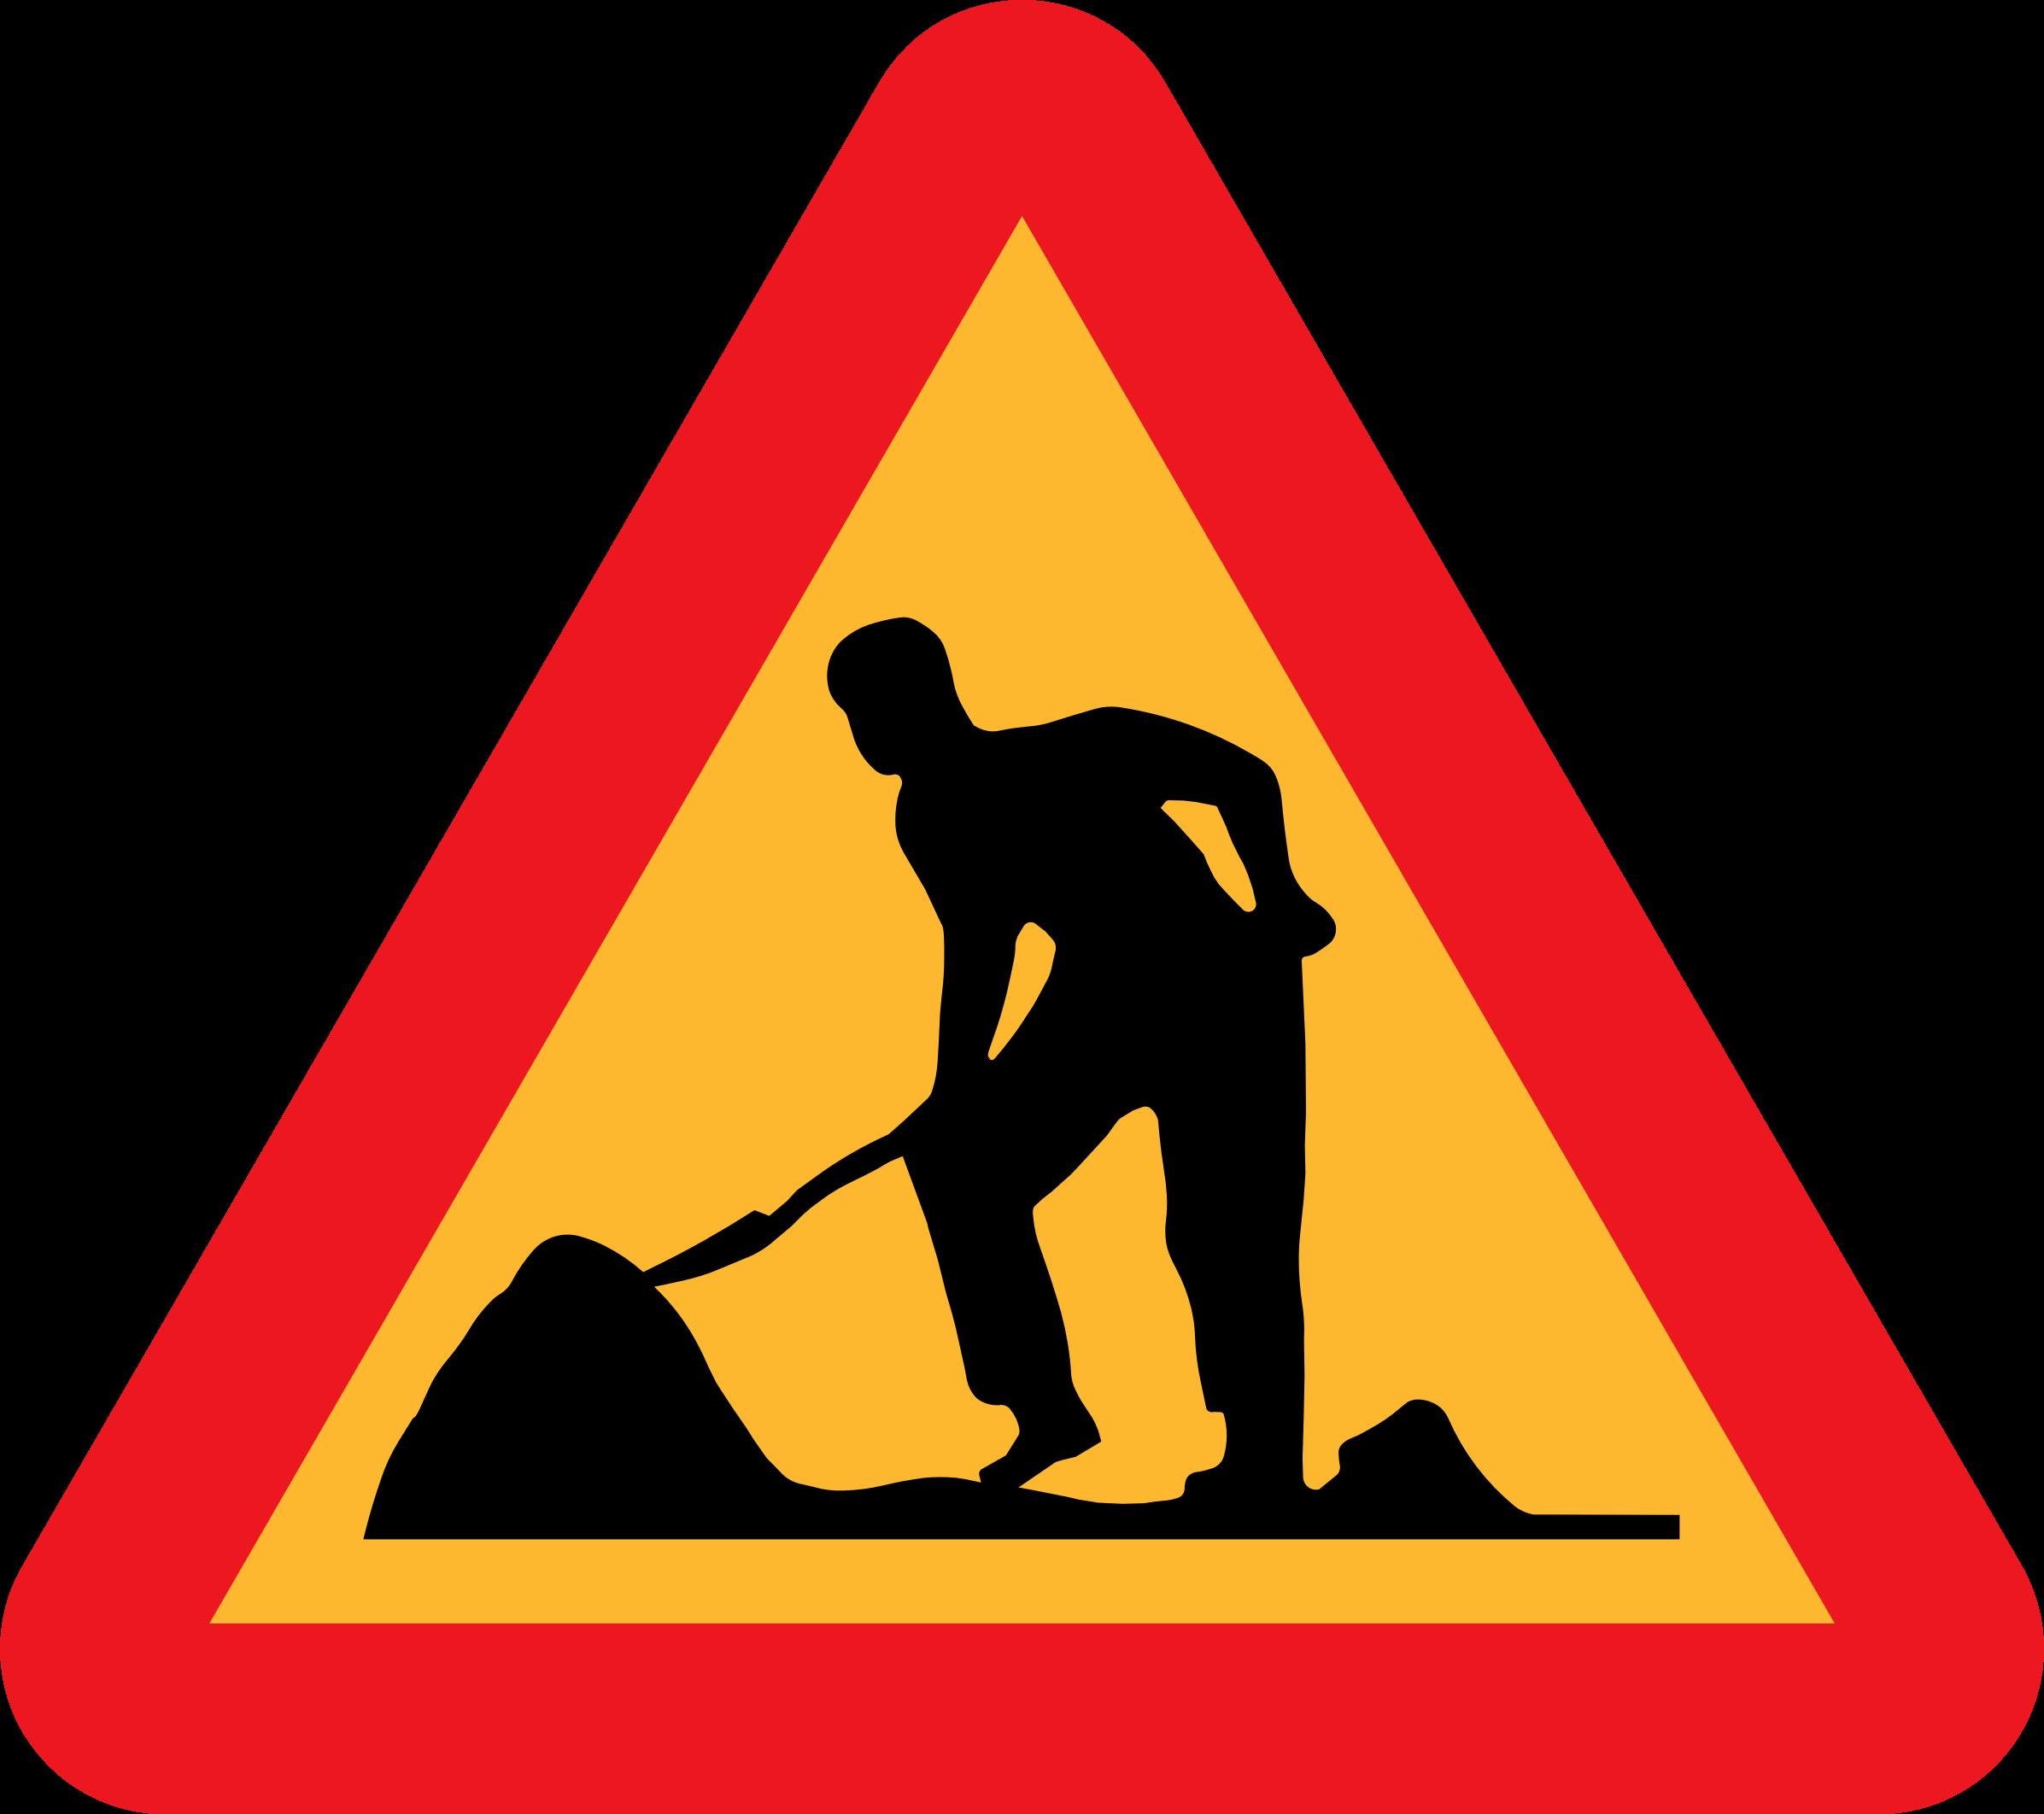 Contractor workman